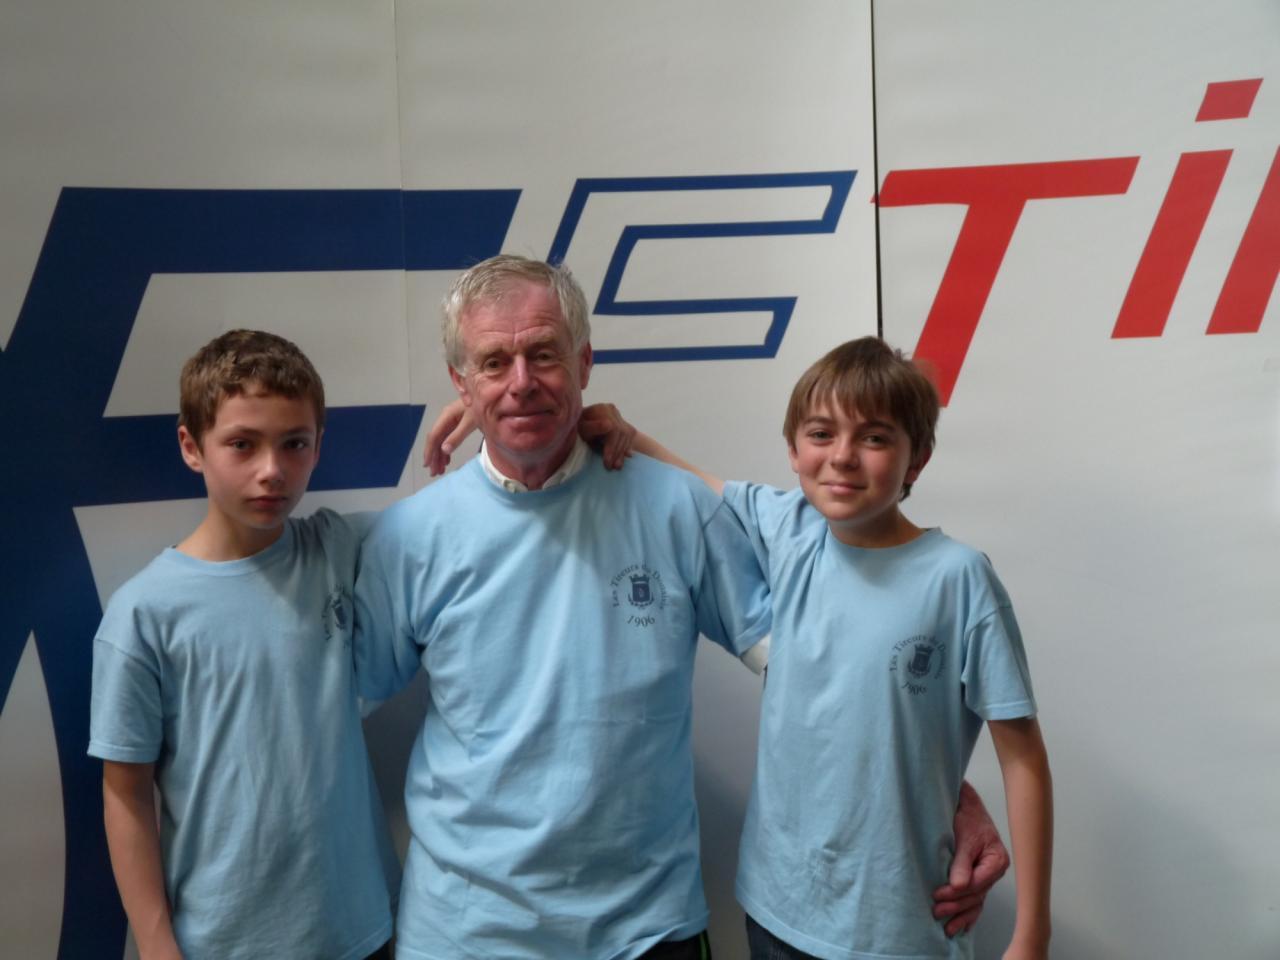 championat de france Montluçon 2013JPG (2)